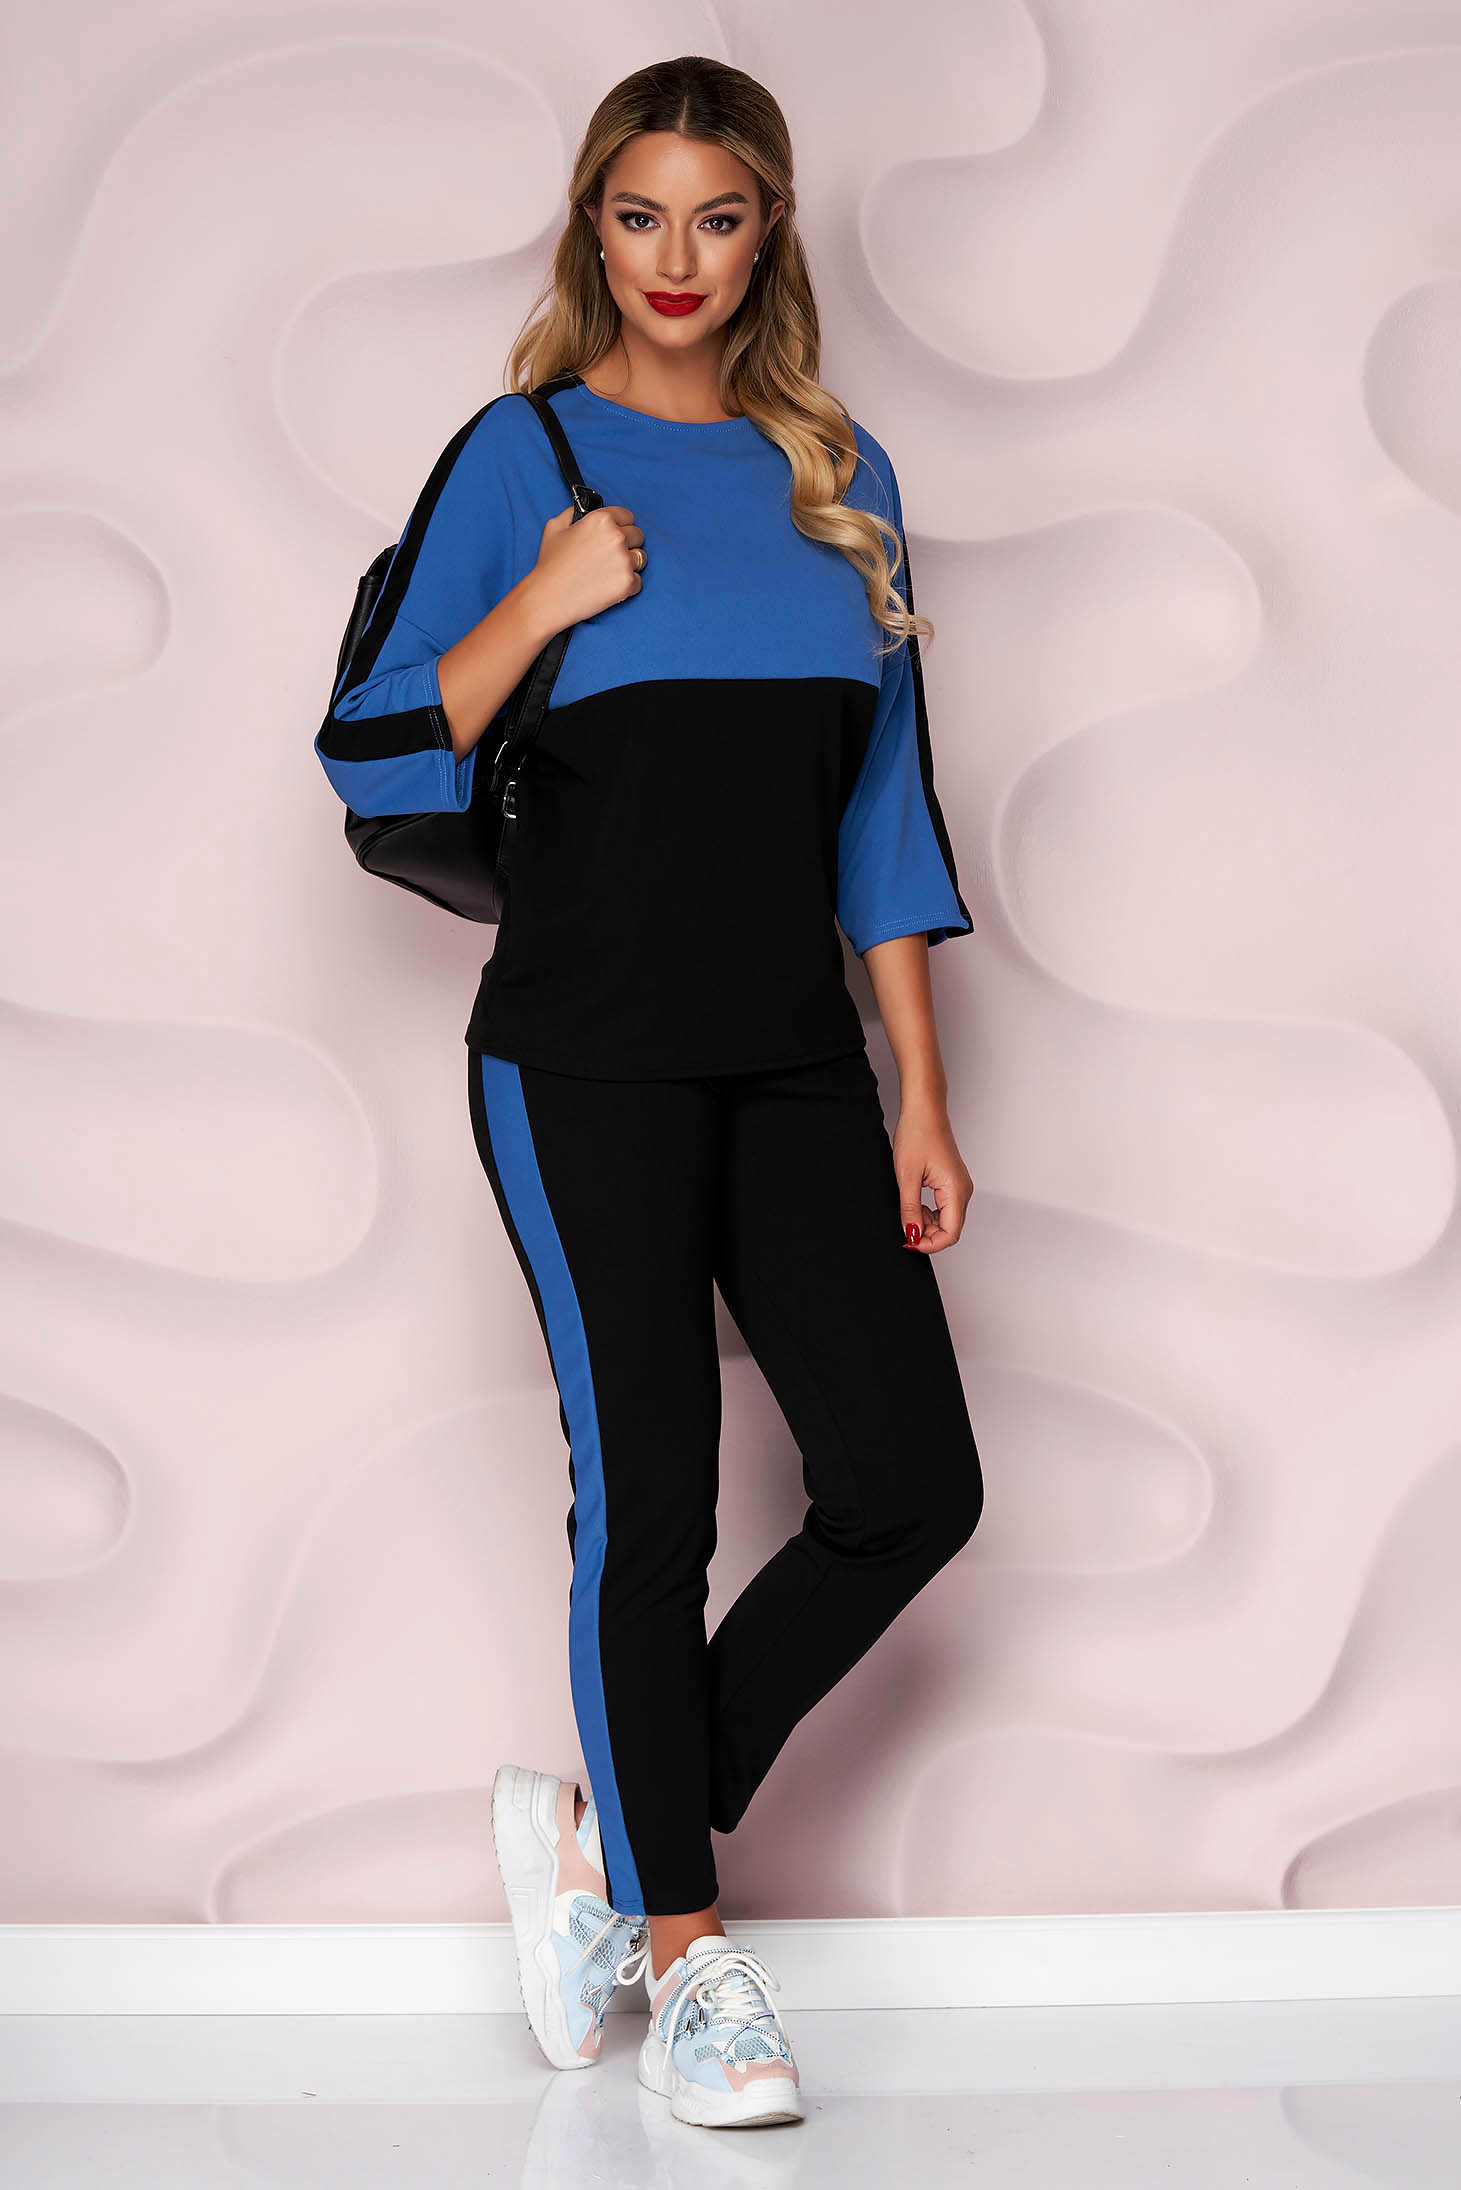 Trening Lady Pandora albastru cu negru cu croi larg cu talie normala si buzunare la pantaloni